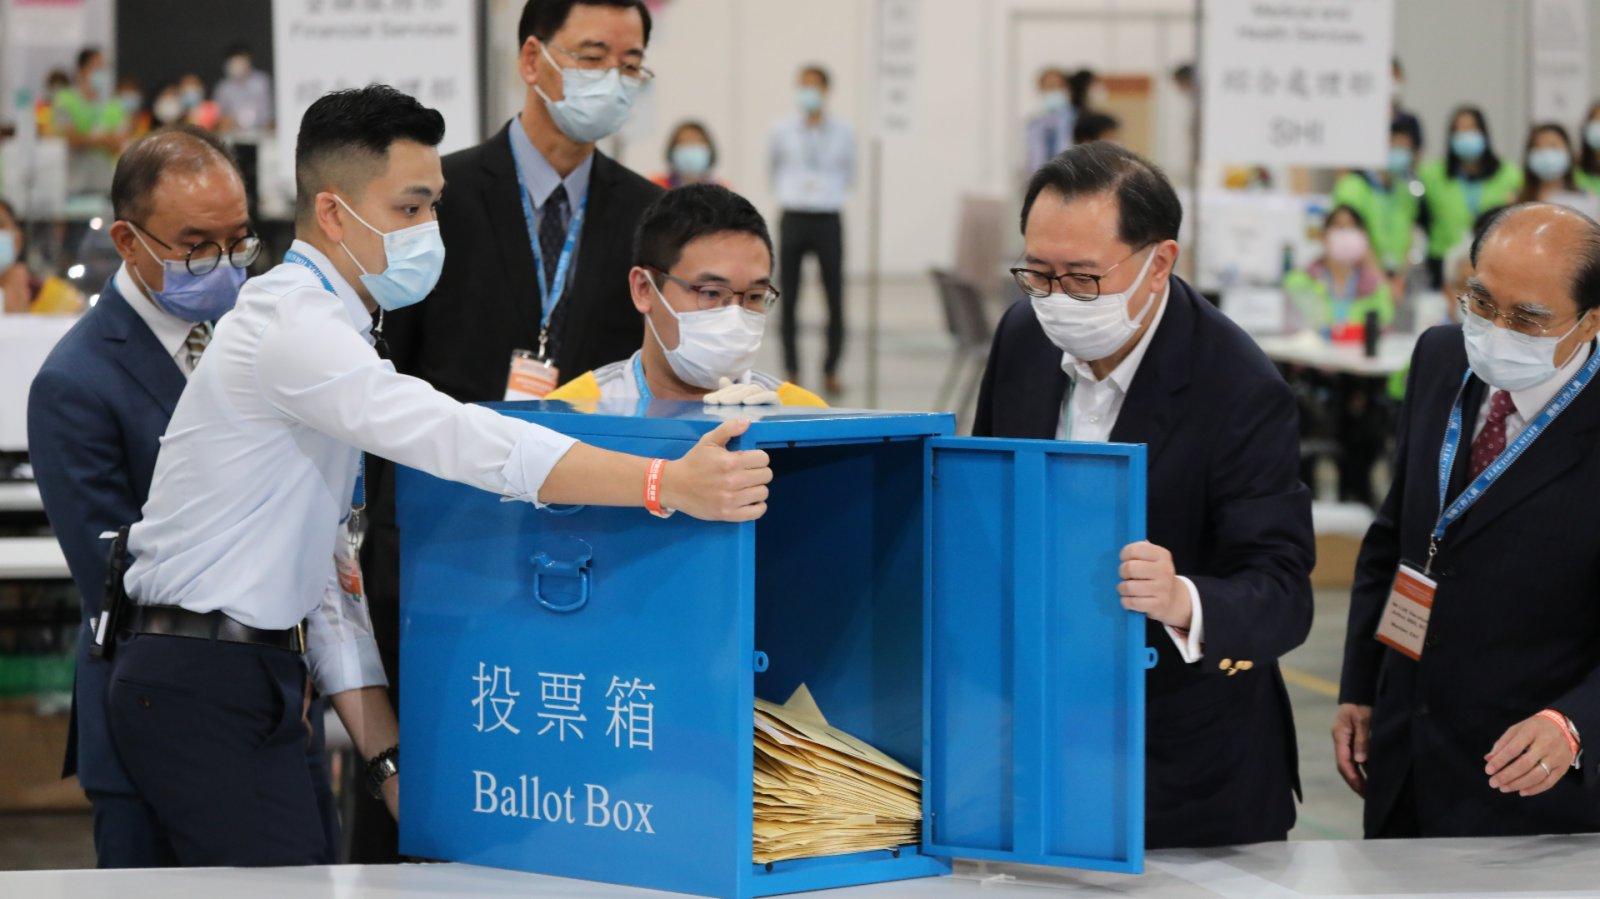 香港中聯辦:香港選委會選舉貫徹「愛國者治港」原則 彰顯新選制進步性